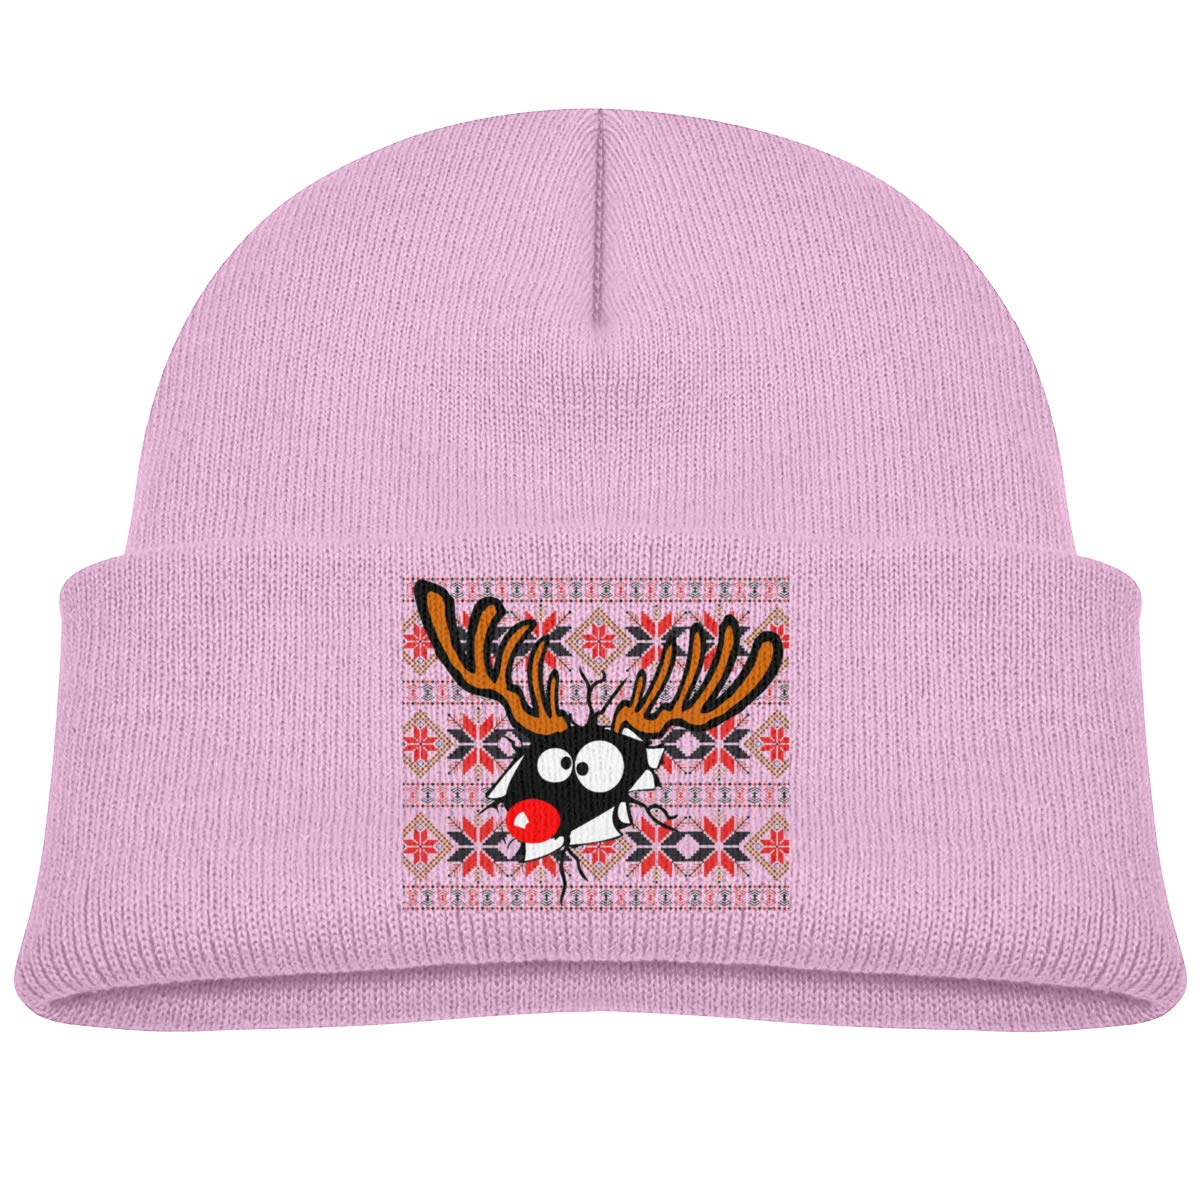 Hanfjj Kefdk Christmas Deer Infant Skull Hat Baby Girl Beanie Cap